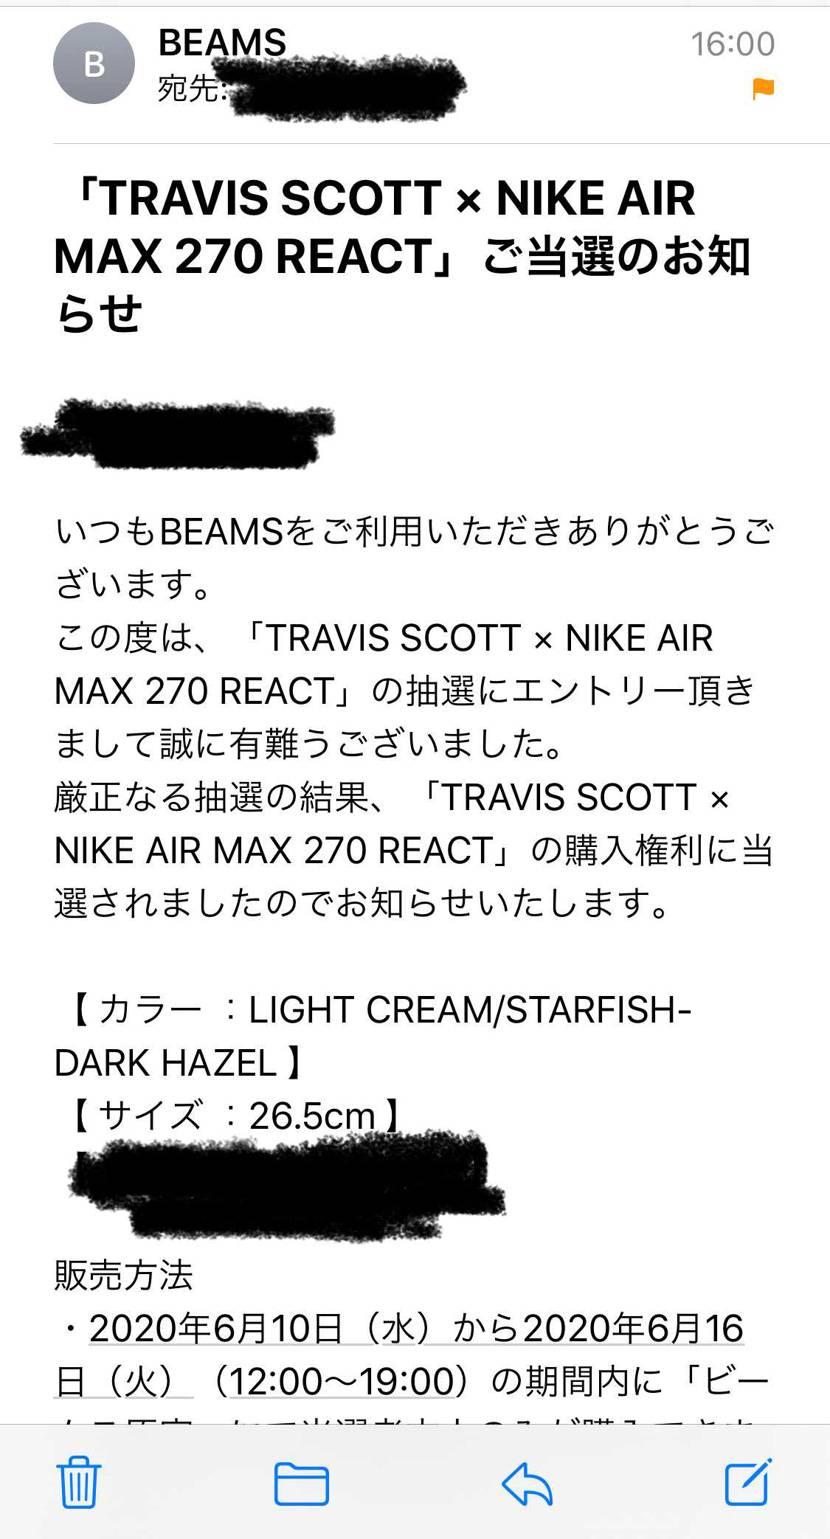 beams当選メール来ましたー!^ ^ ちなみに16時00分に来ました!